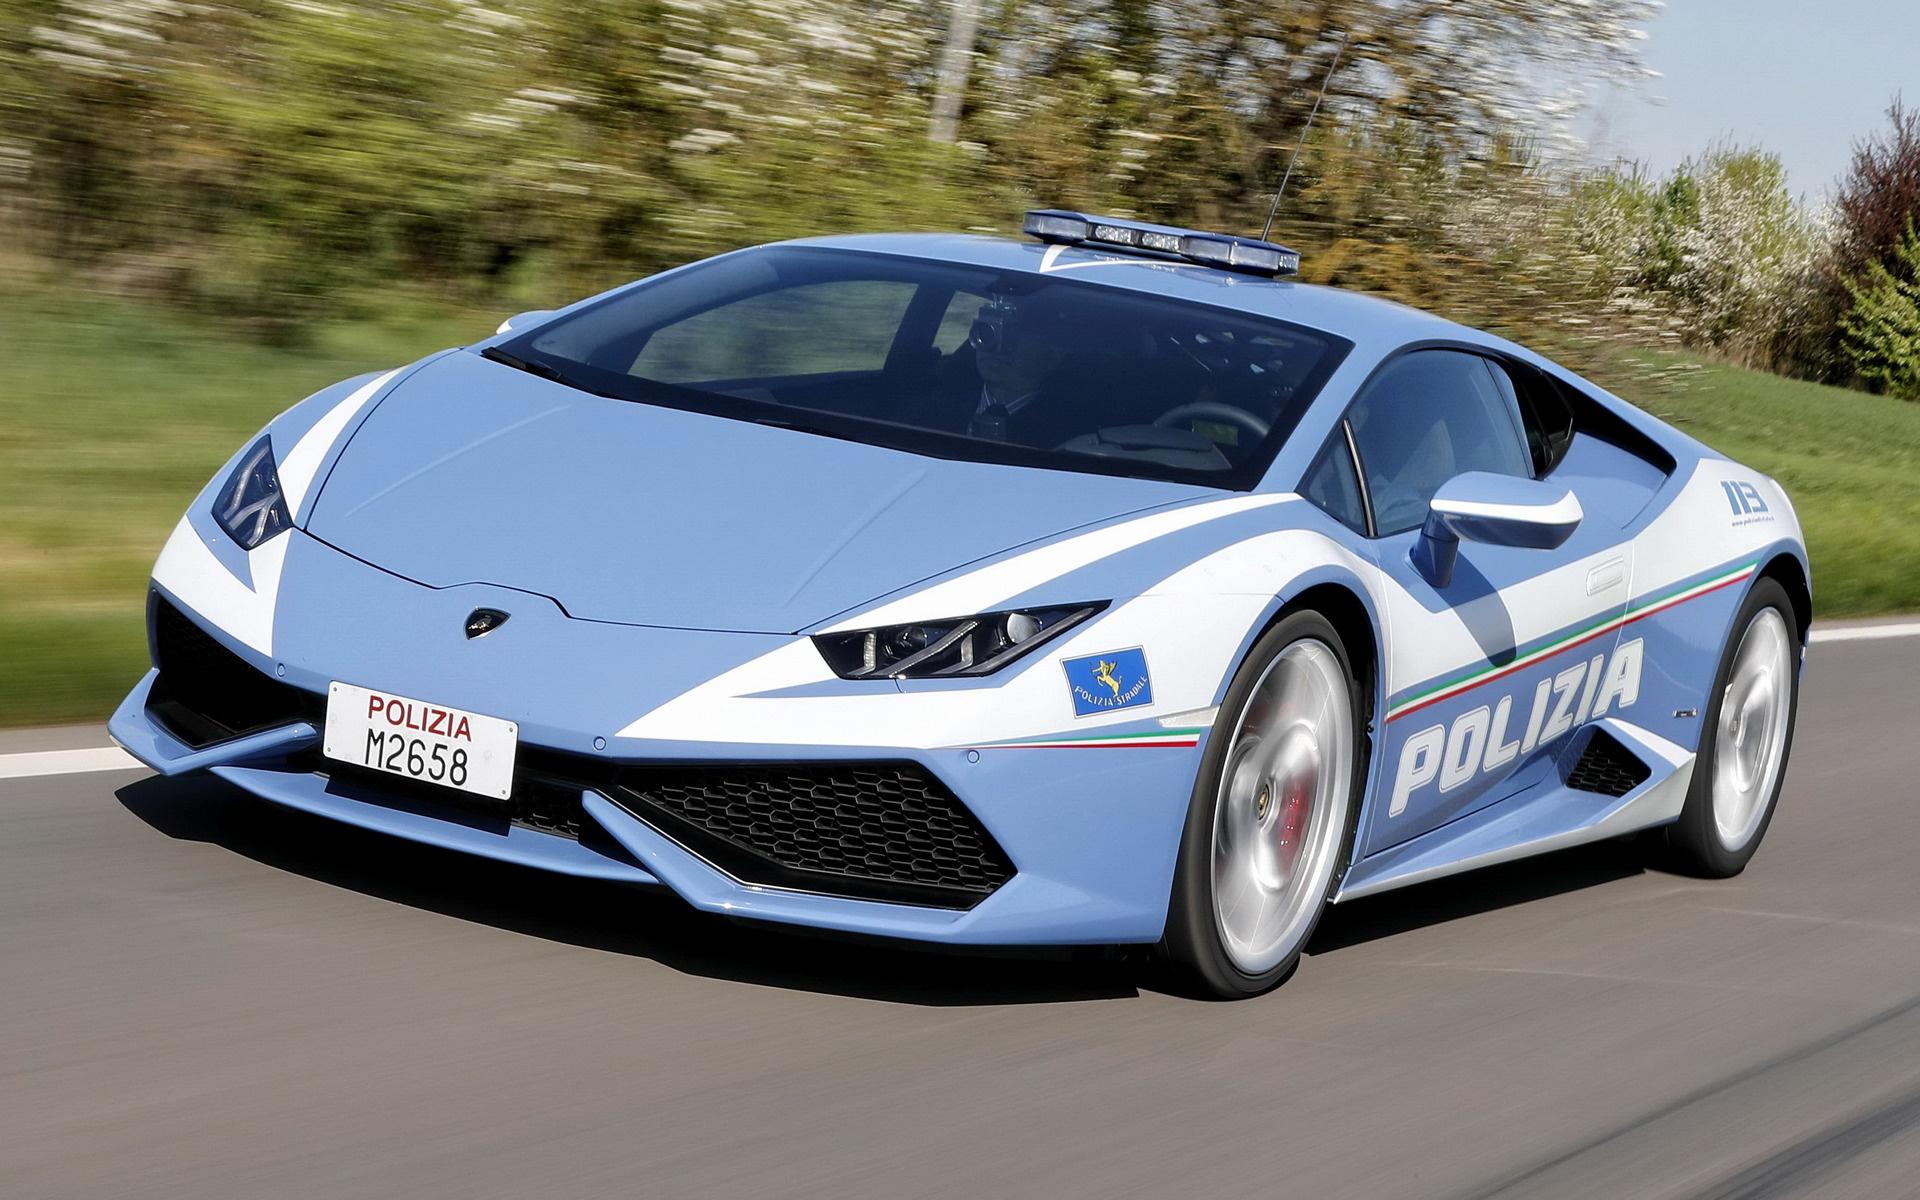 Μια Lamborghini της αστυνομίας παραβίασε κάθε όριο ταχύτητας για καλό σκοπό! [vid]